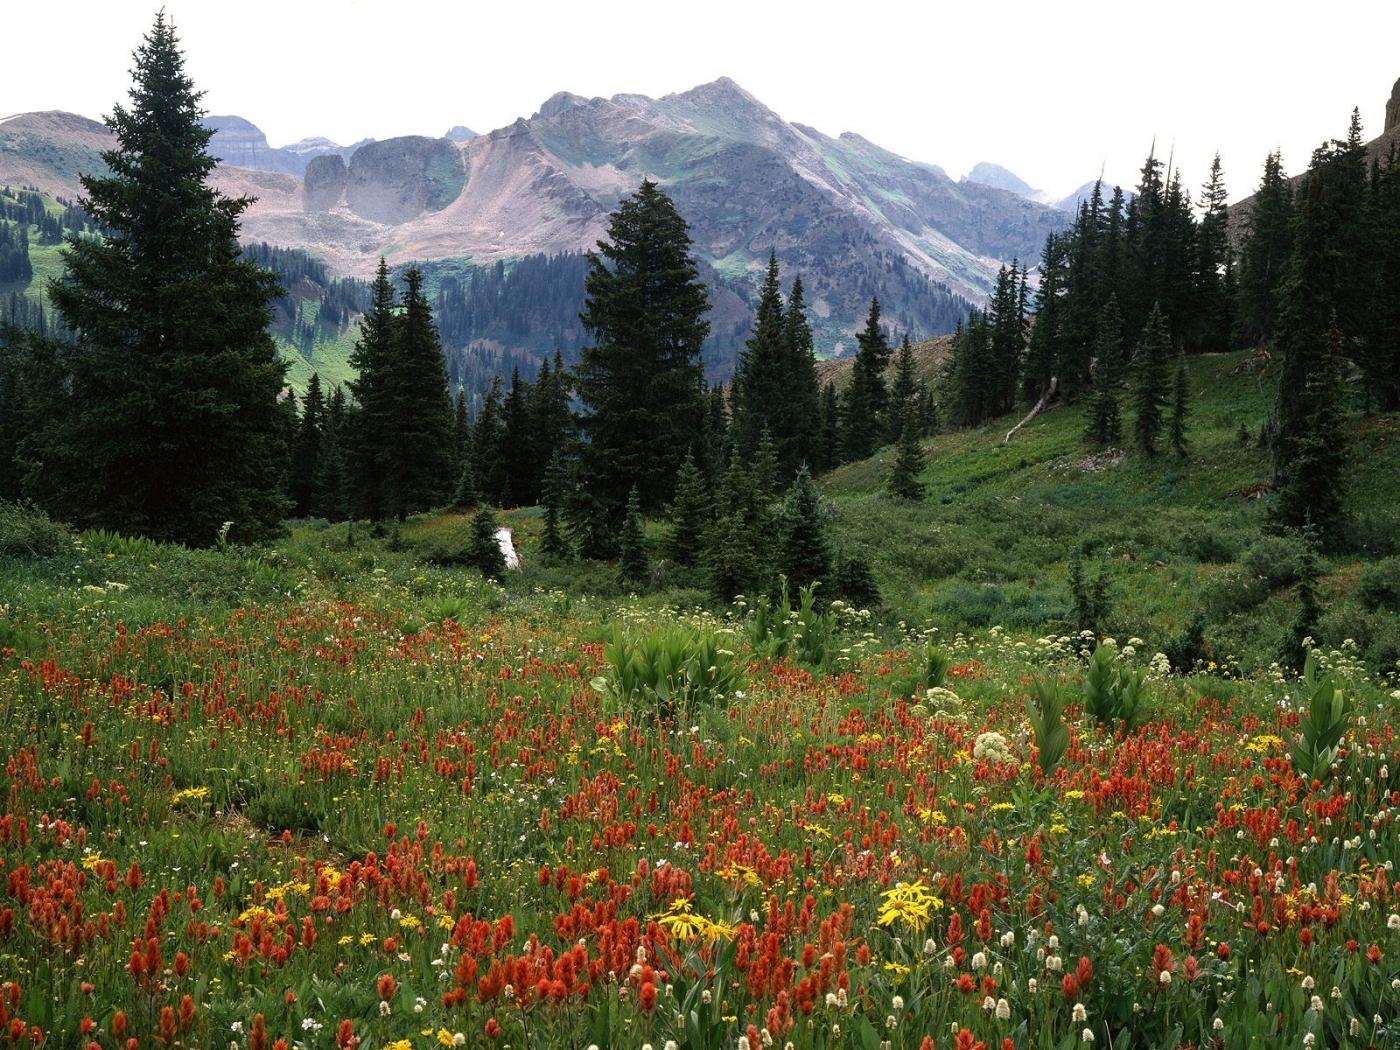 23398 descargar fondo de pantalla Paisaje, Flores, Árboles, Montañas: protectores de pantalla e imágenes gratis